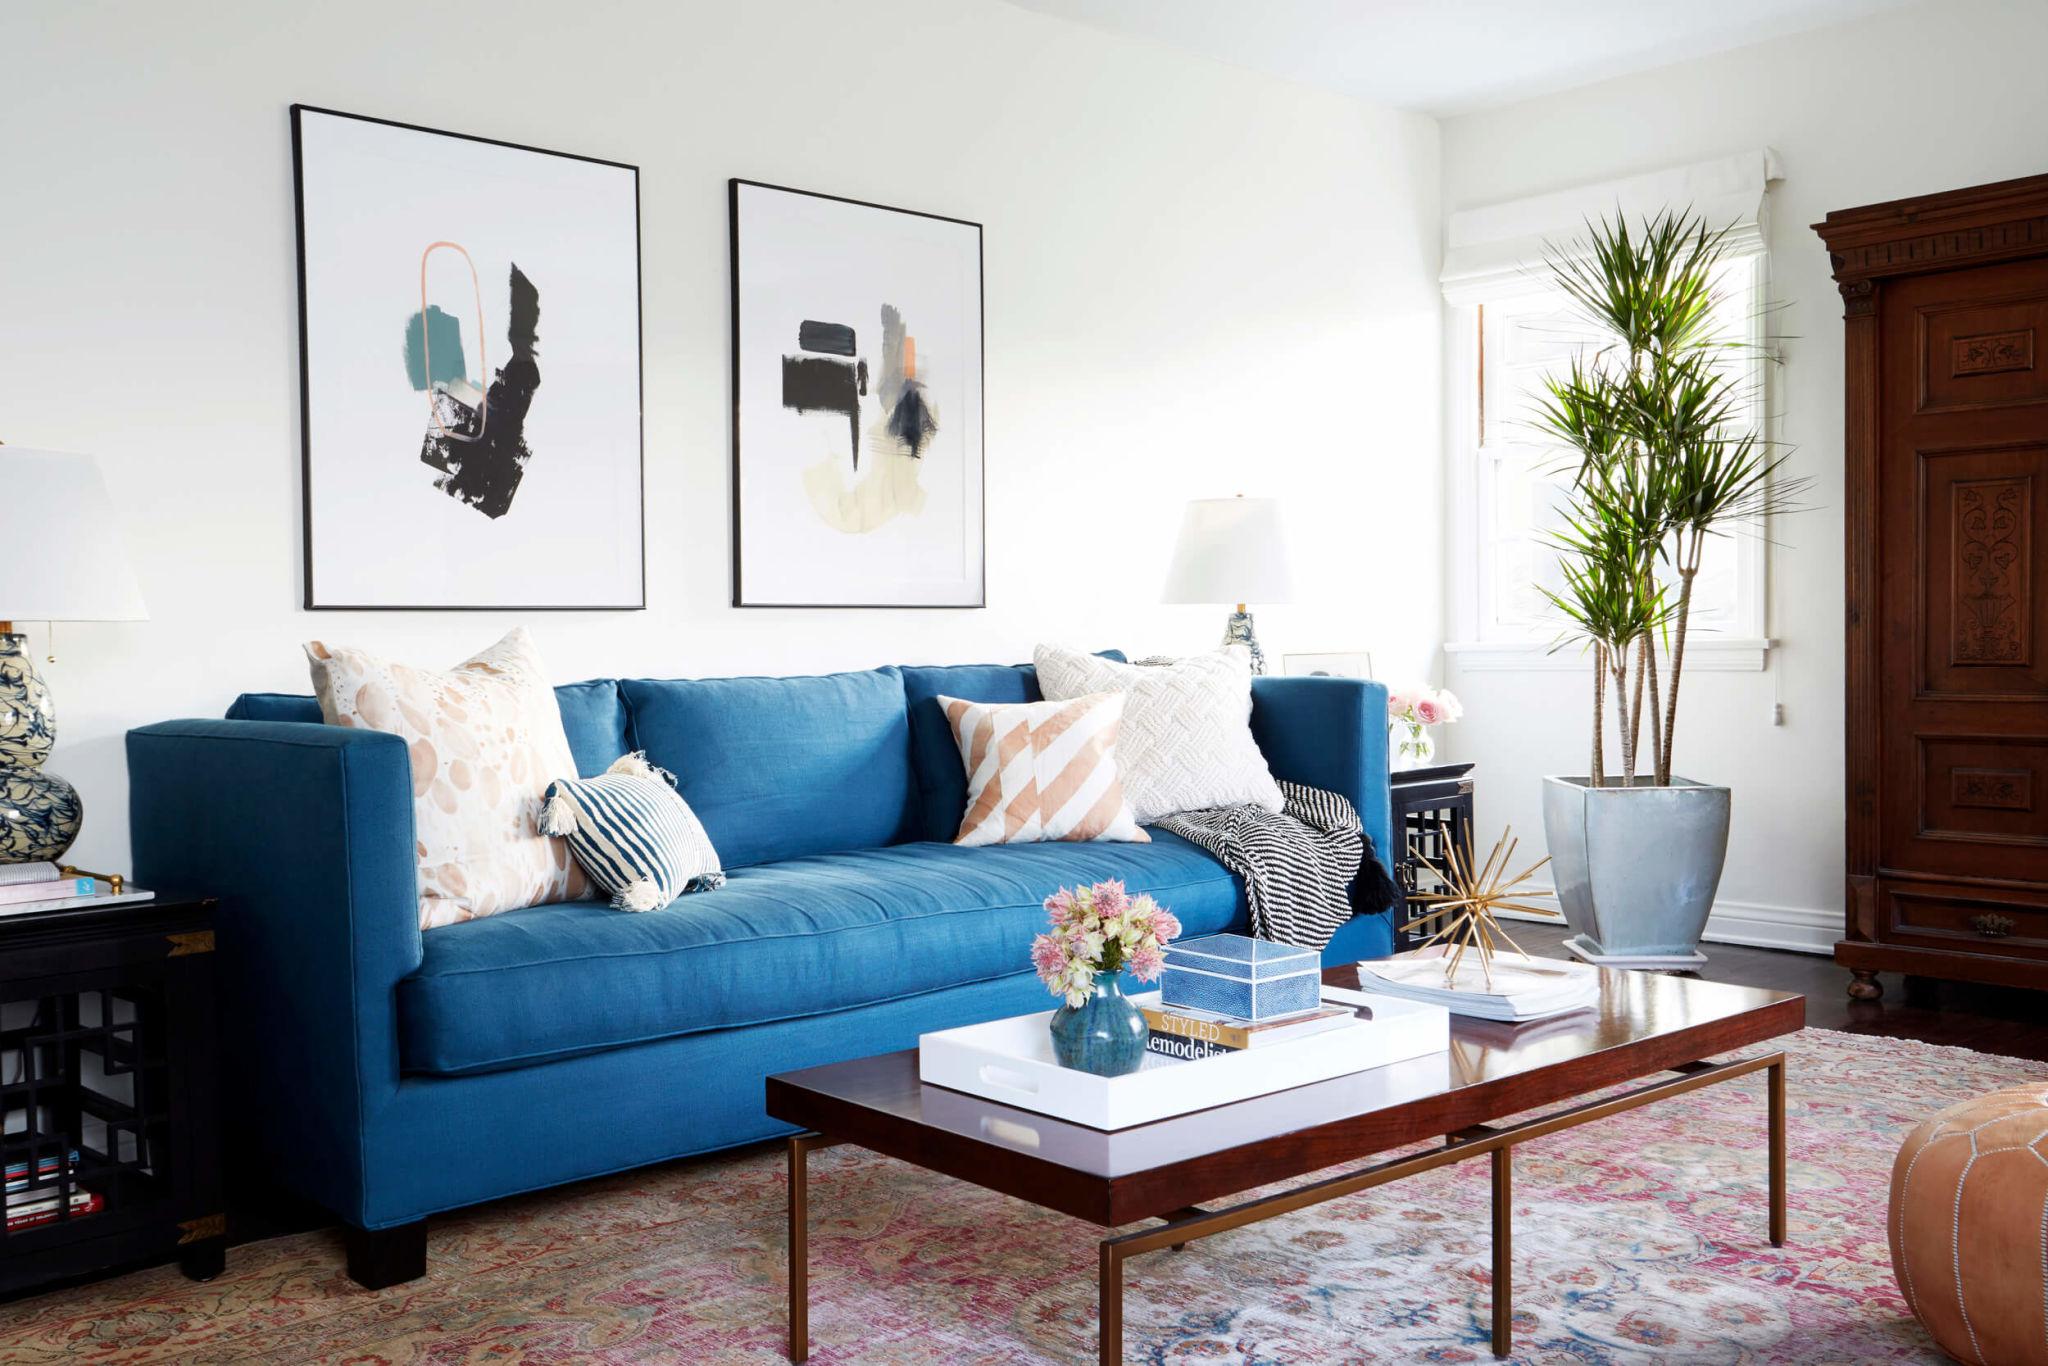 Blue statement sofa against neutrals